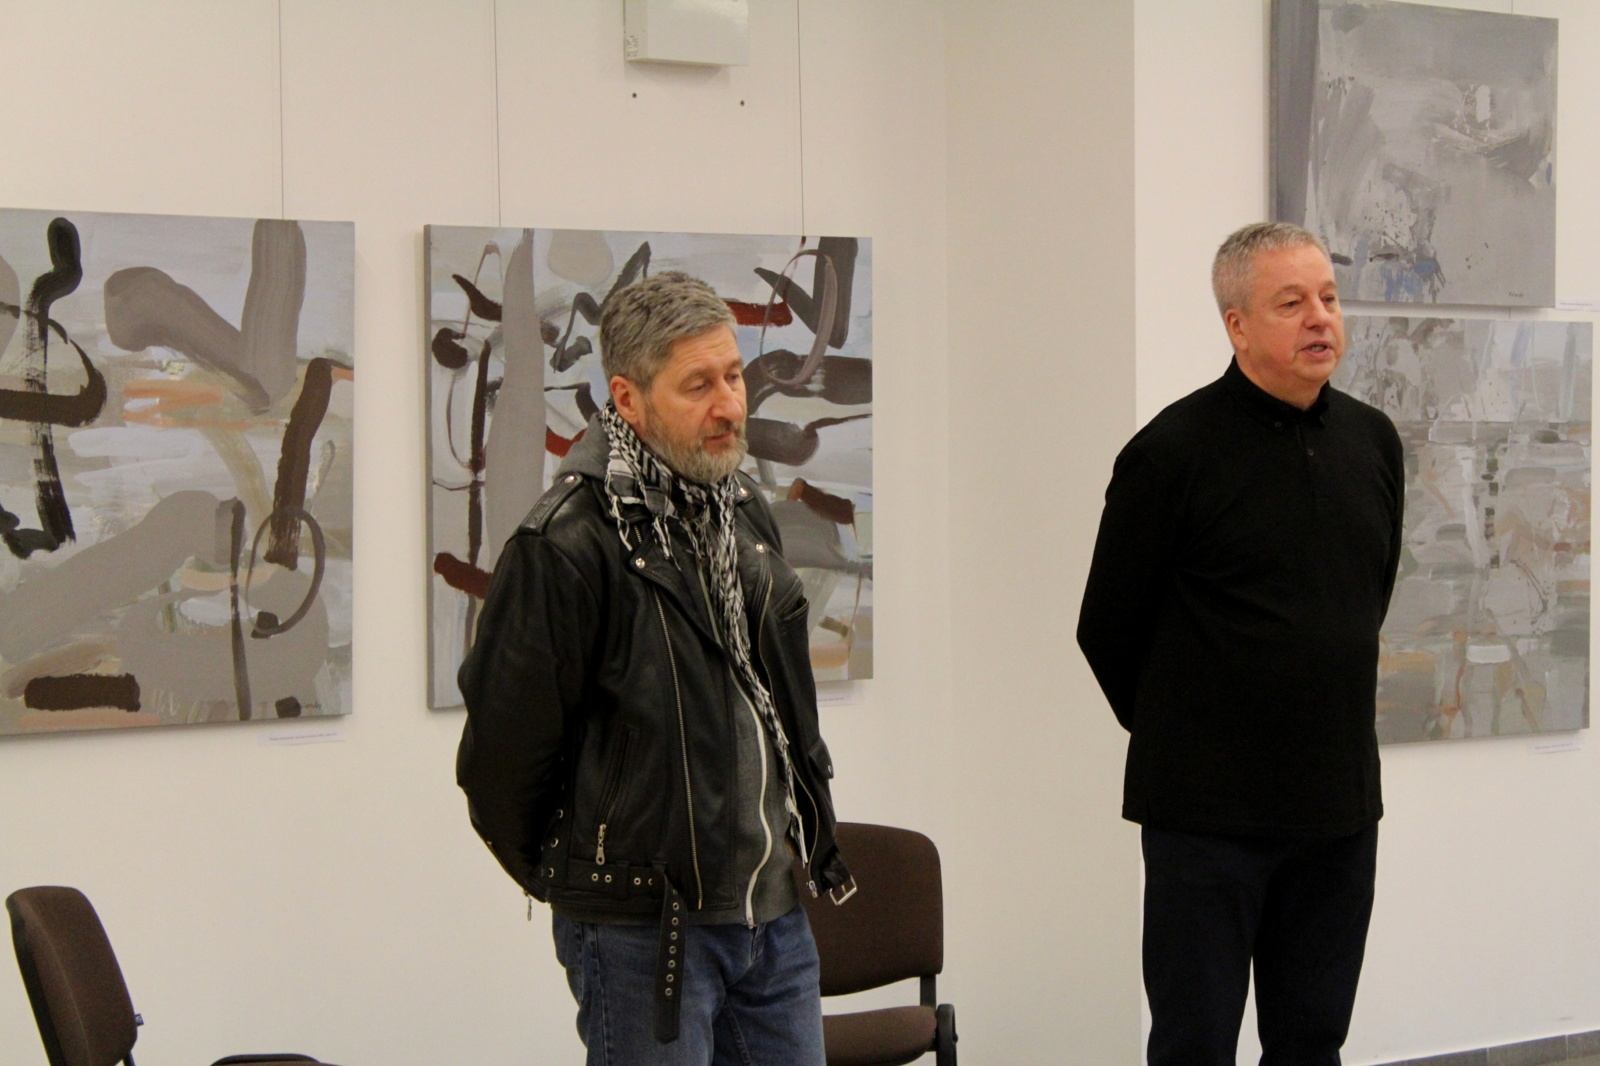 """Kuršėnuose atidaryta Ričardo Garbačiausko ir Dalvyčio Udrio tapybos darbų paroda """"Meno aviliai"""""""